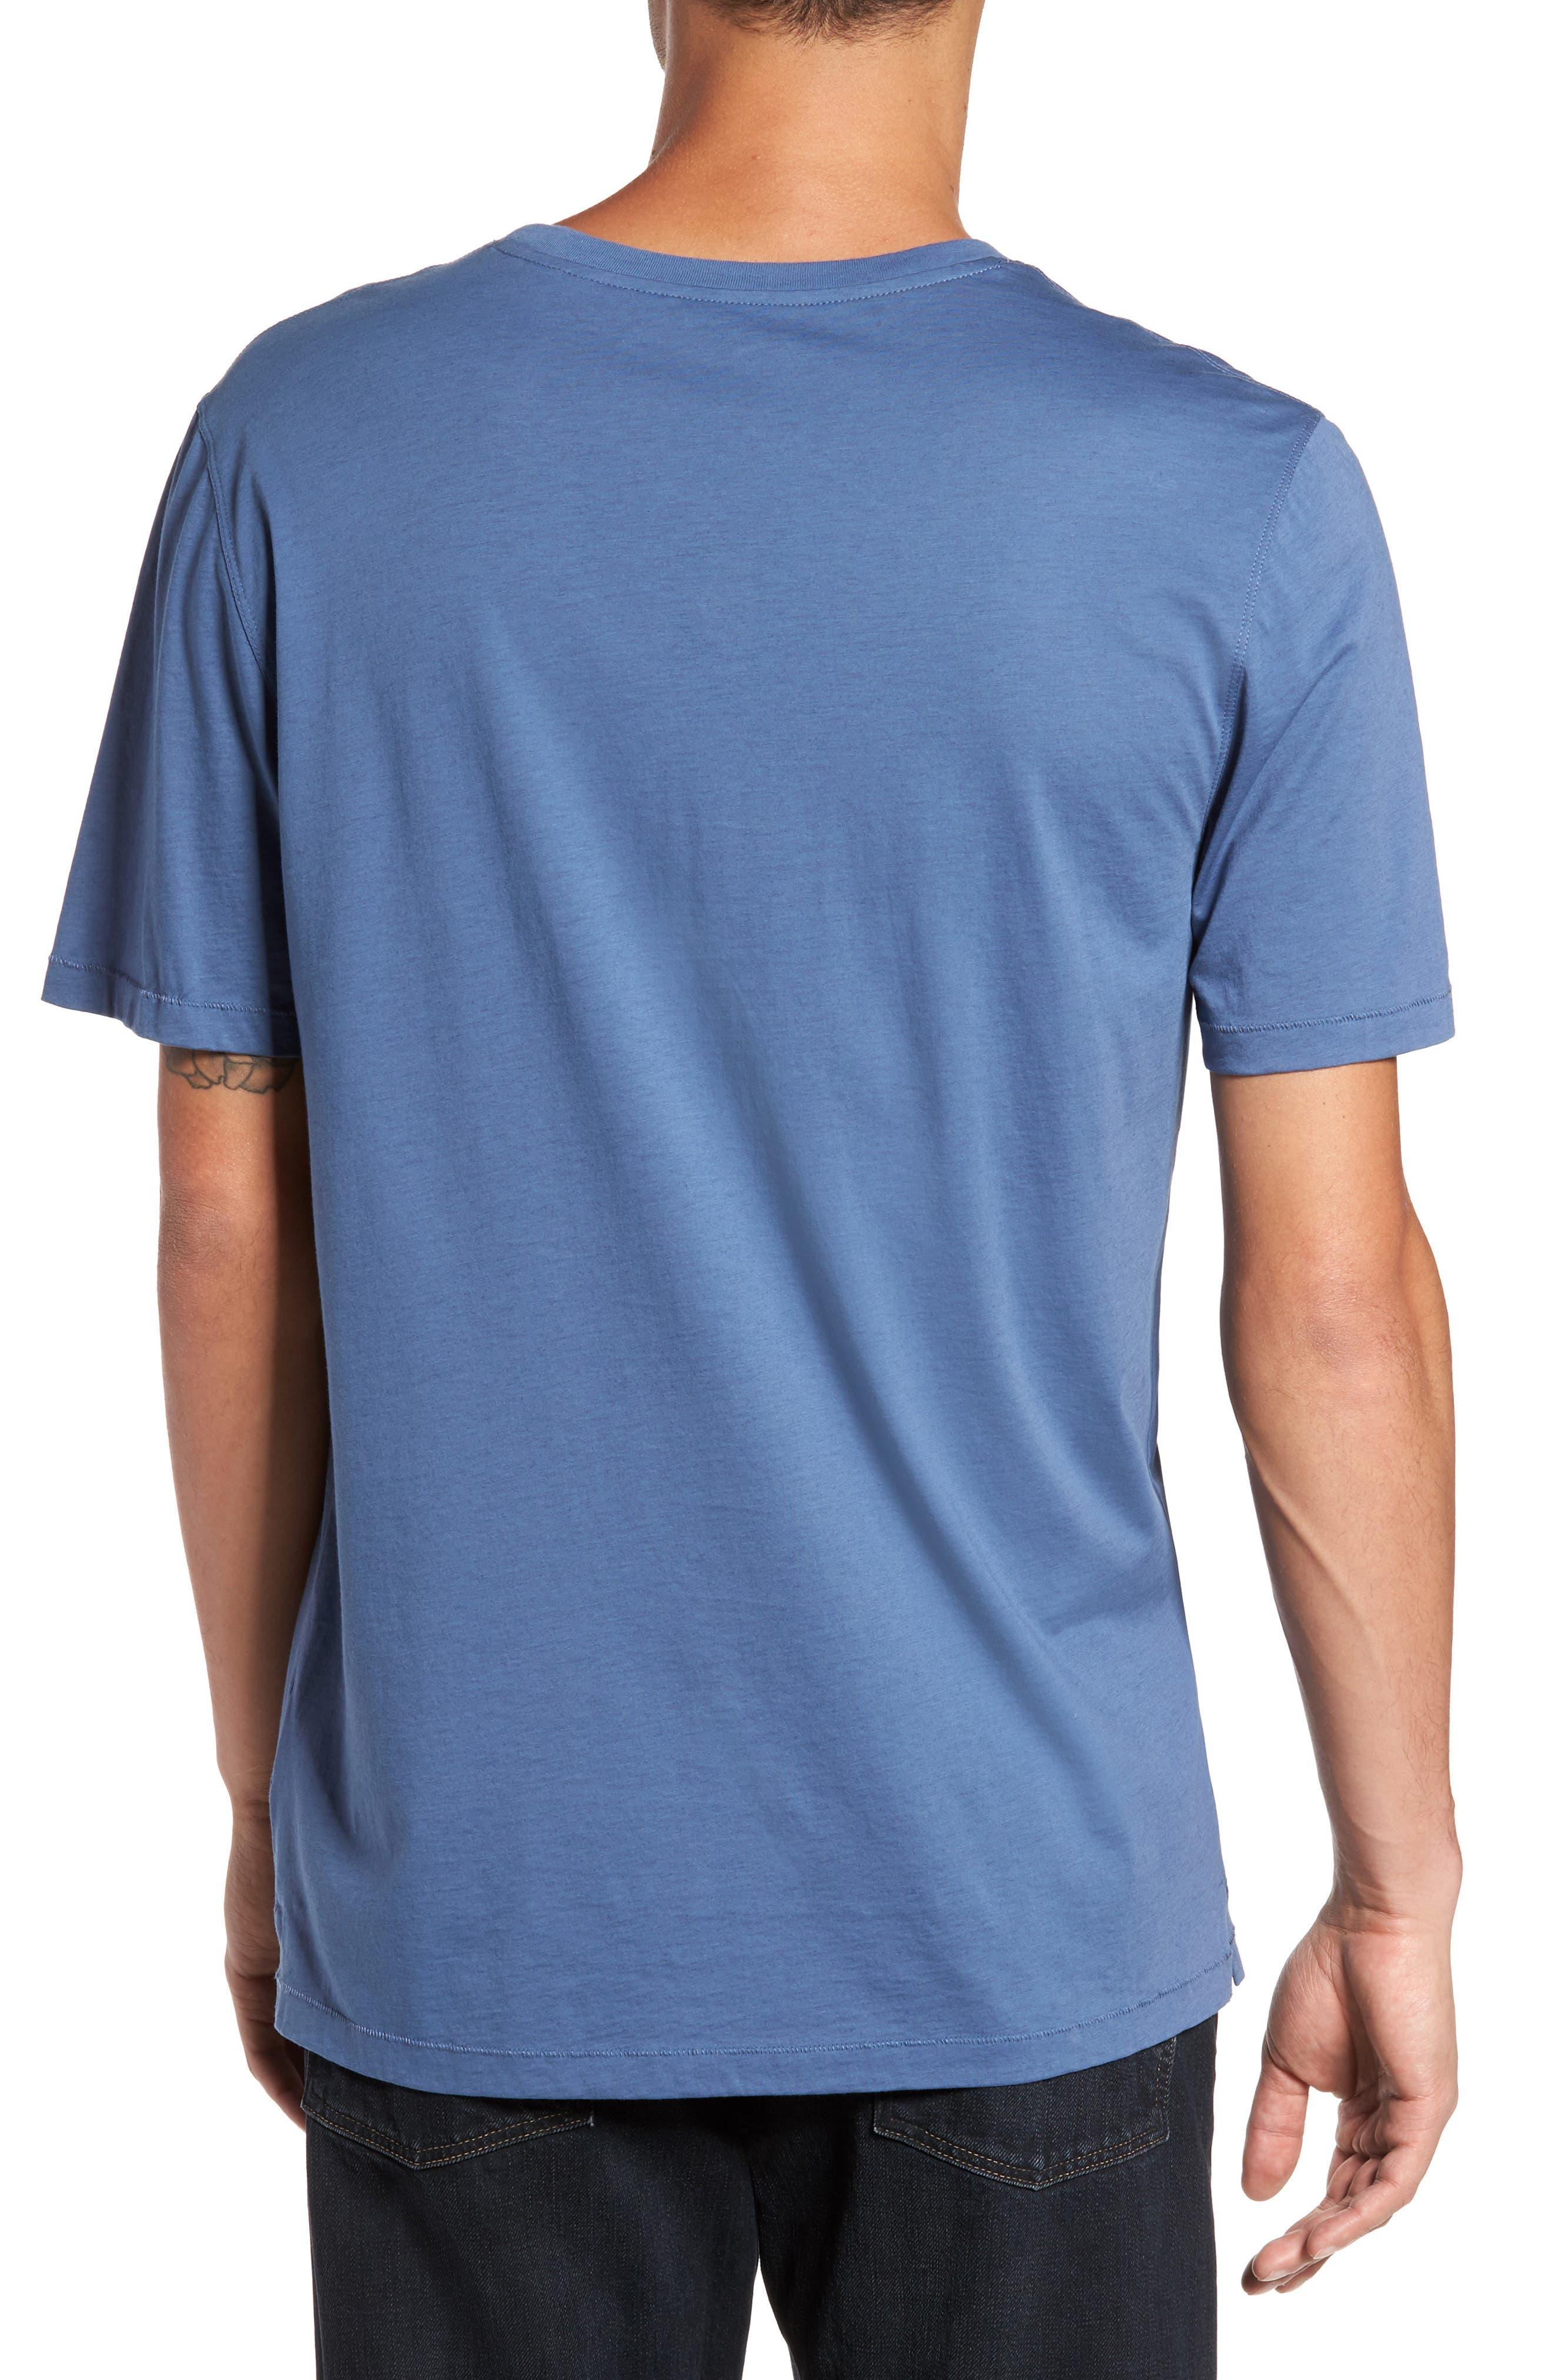 Alternate Image 2  - Vince Regular Fit Crewneck T-Shirt